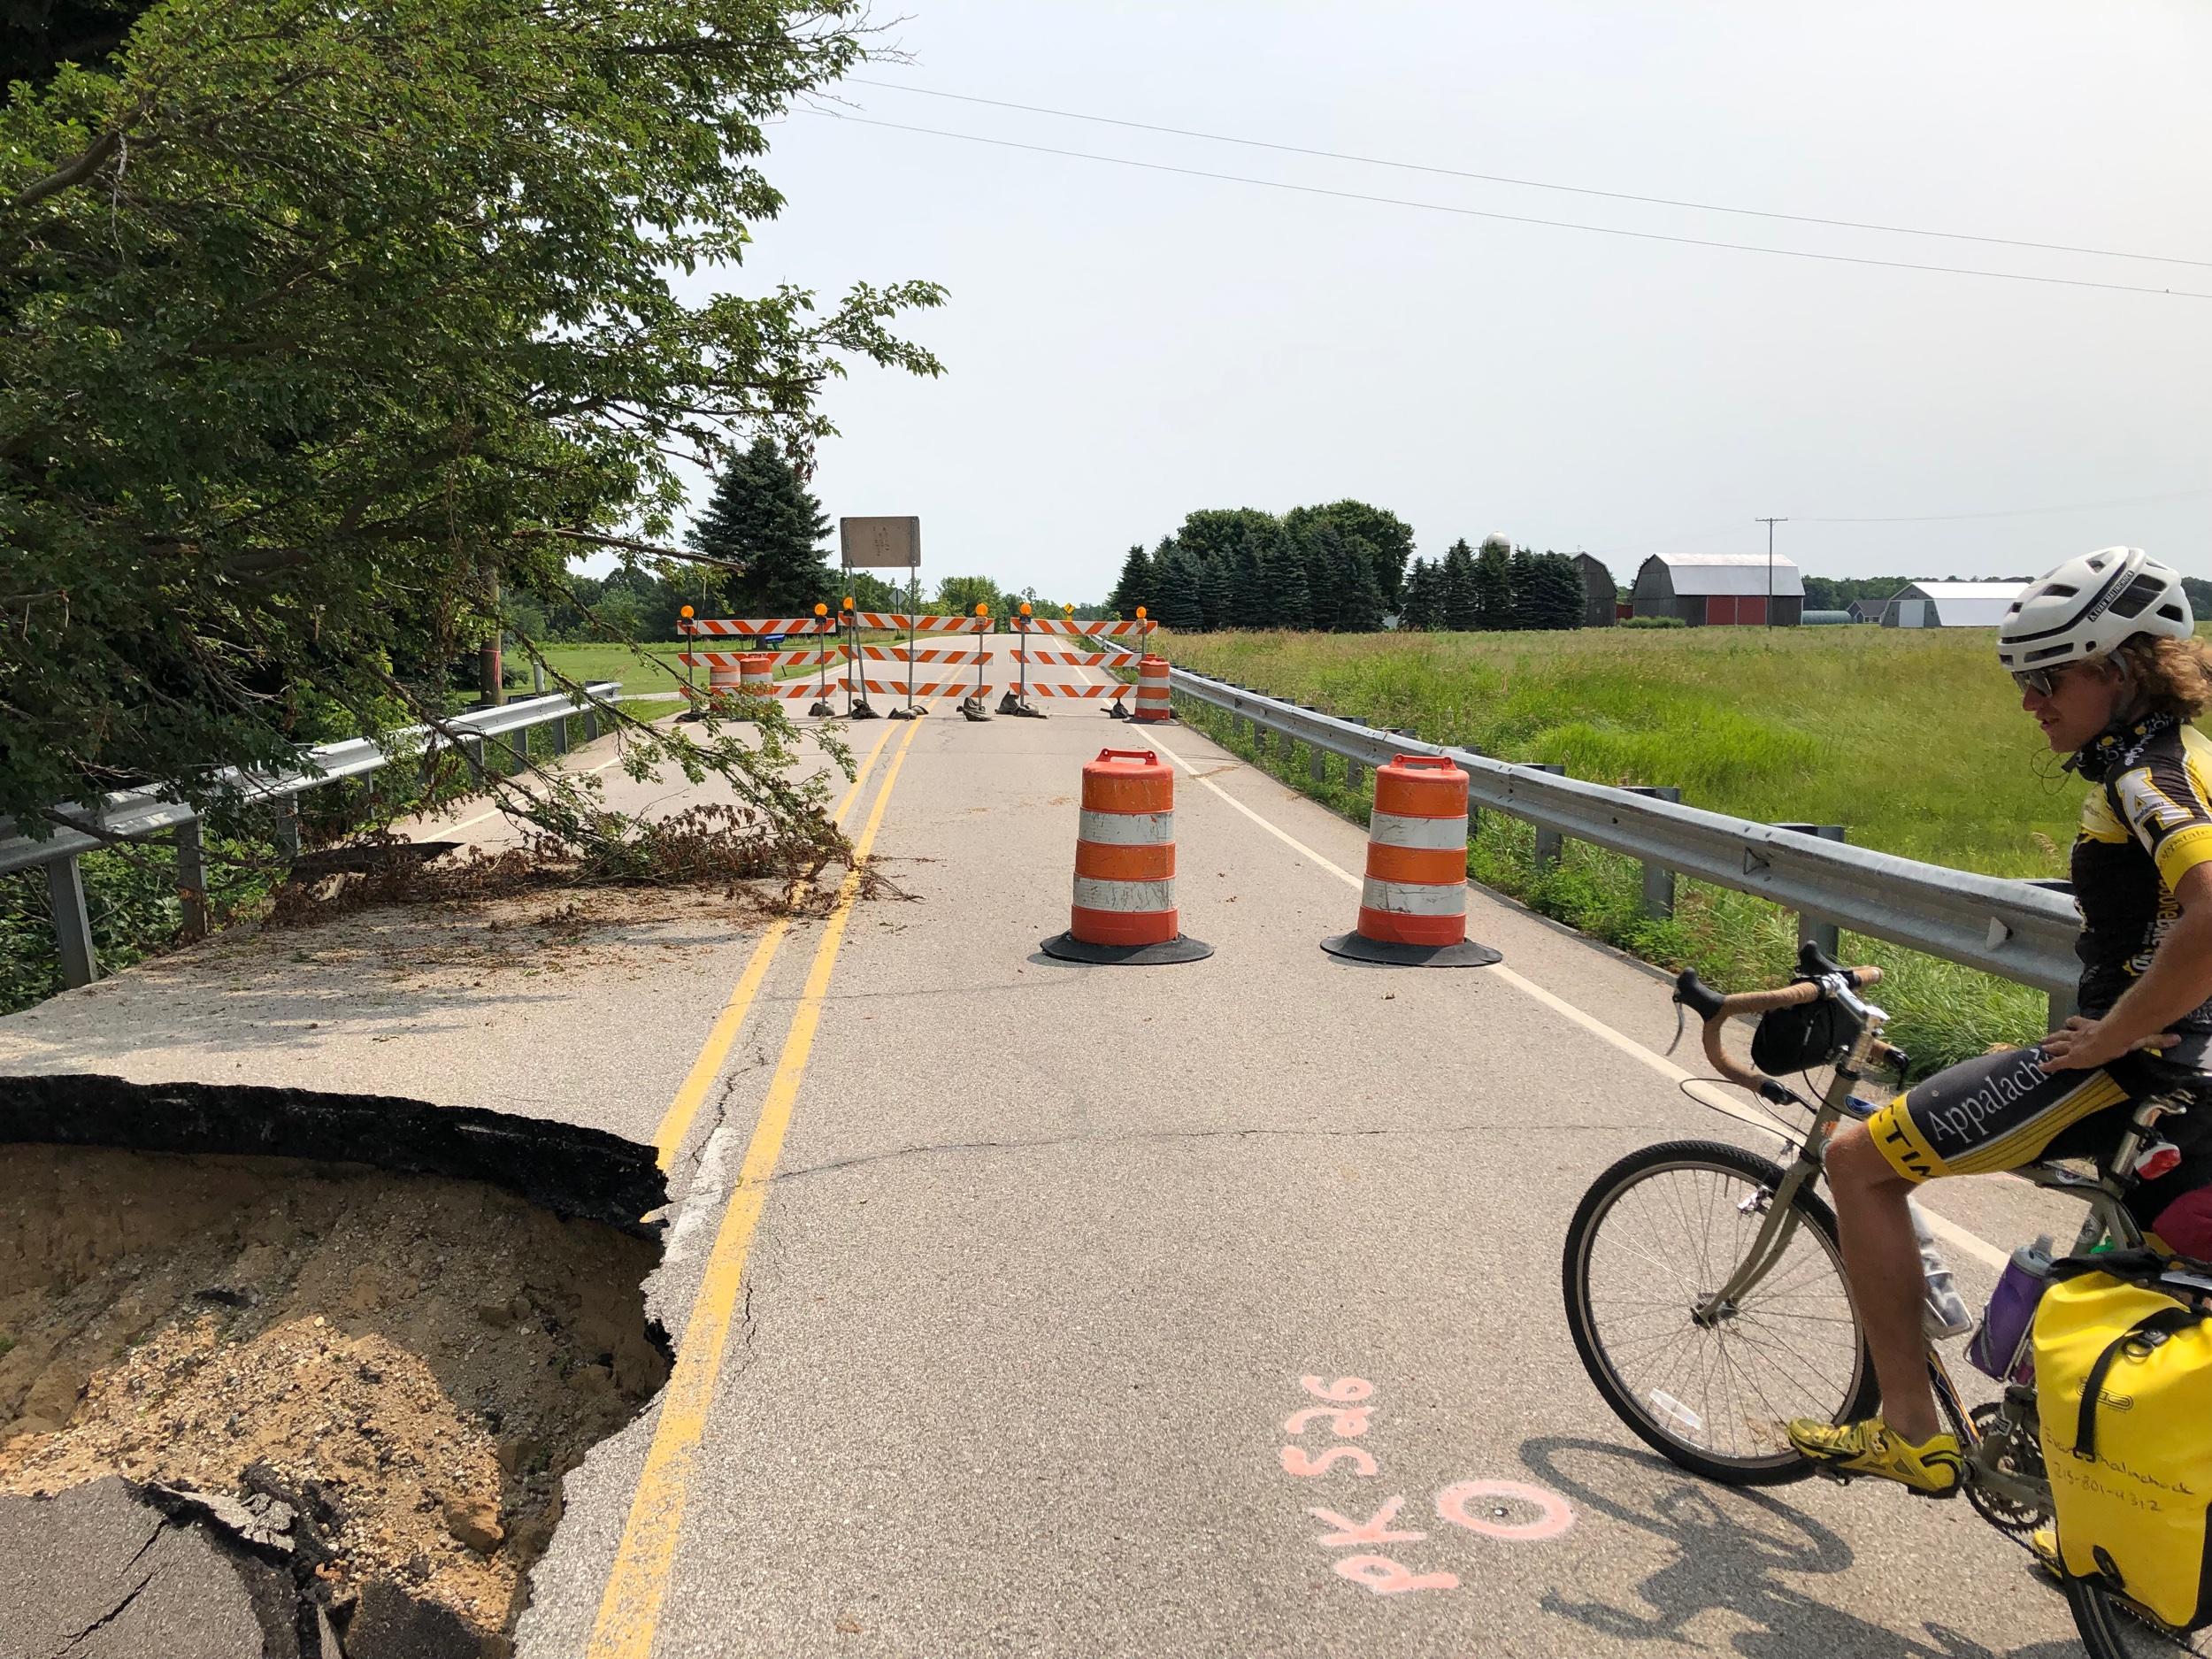 Pothole left!